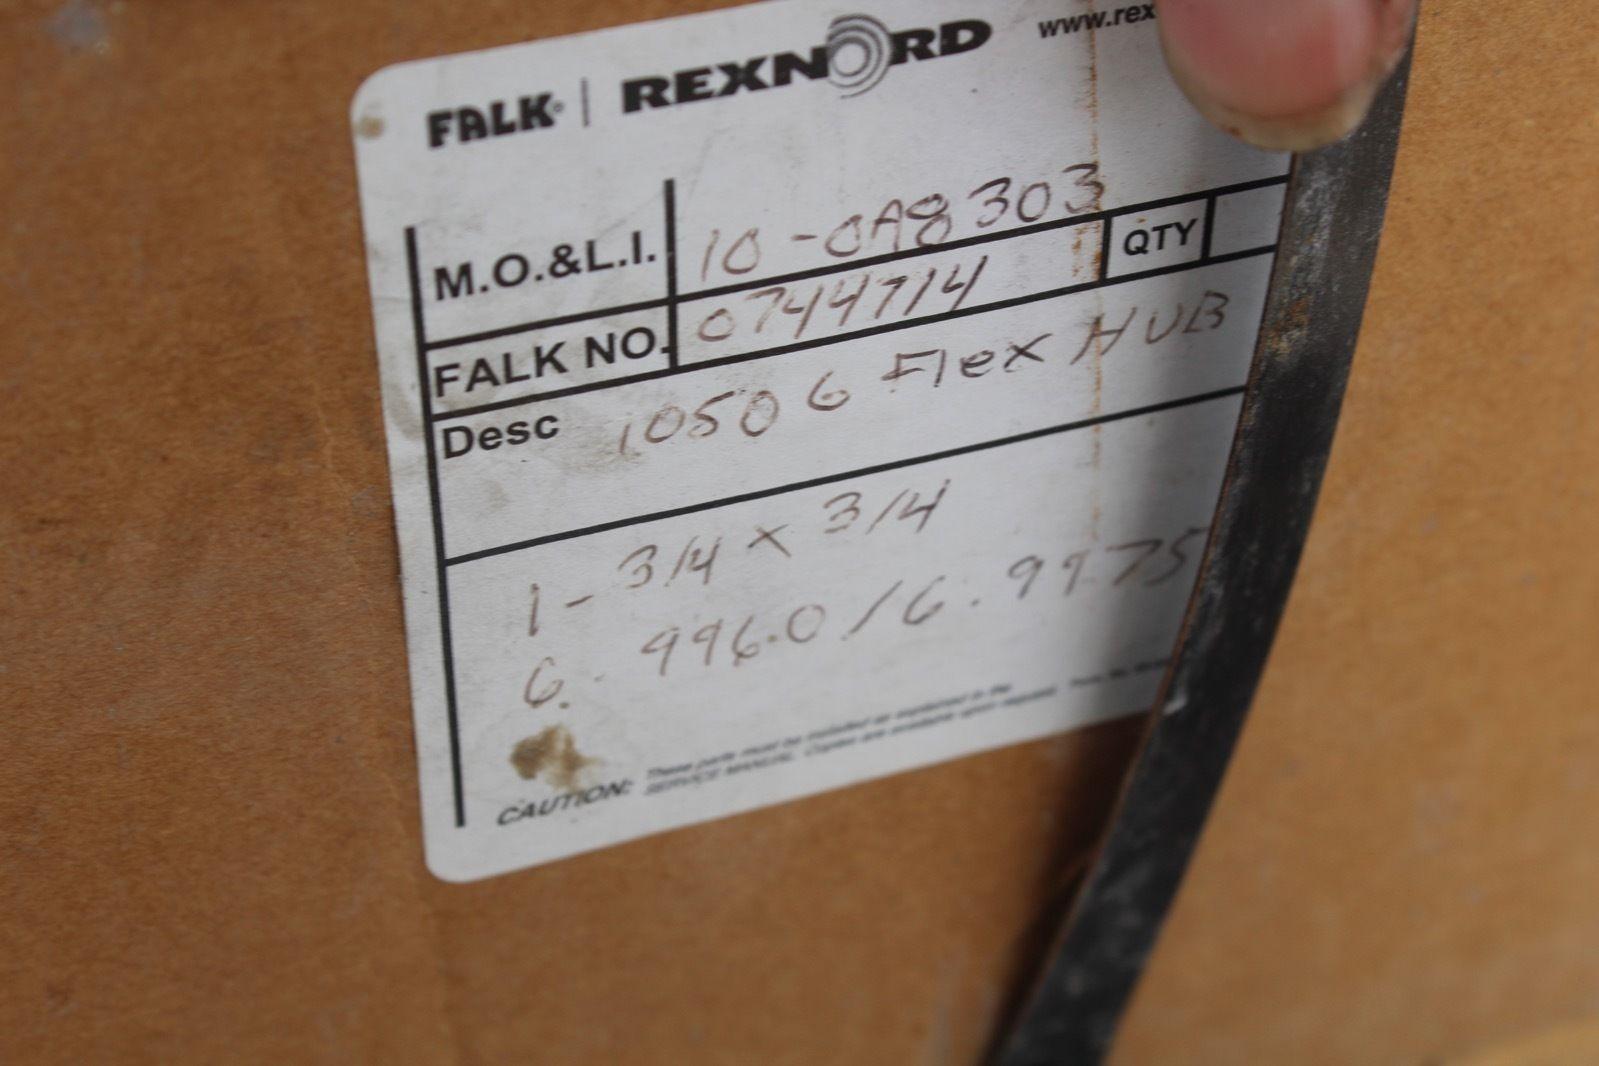 Rexnord Falk 10506 Flex Hub 1 3/4 X 3/4 0744714 *new* (connex) 2